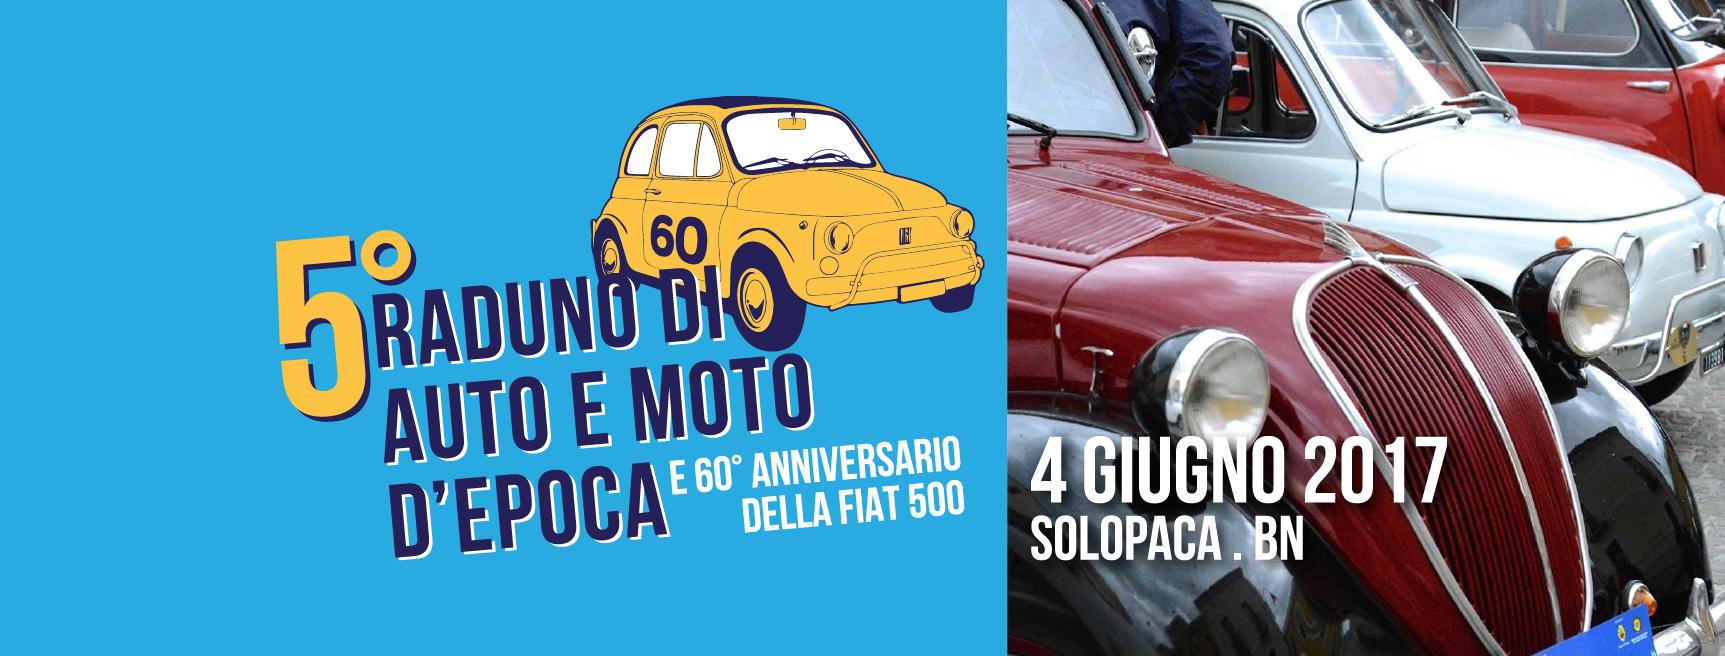 Solopaca| Il 4 giugno il raduno delle auto e moto d'epoca